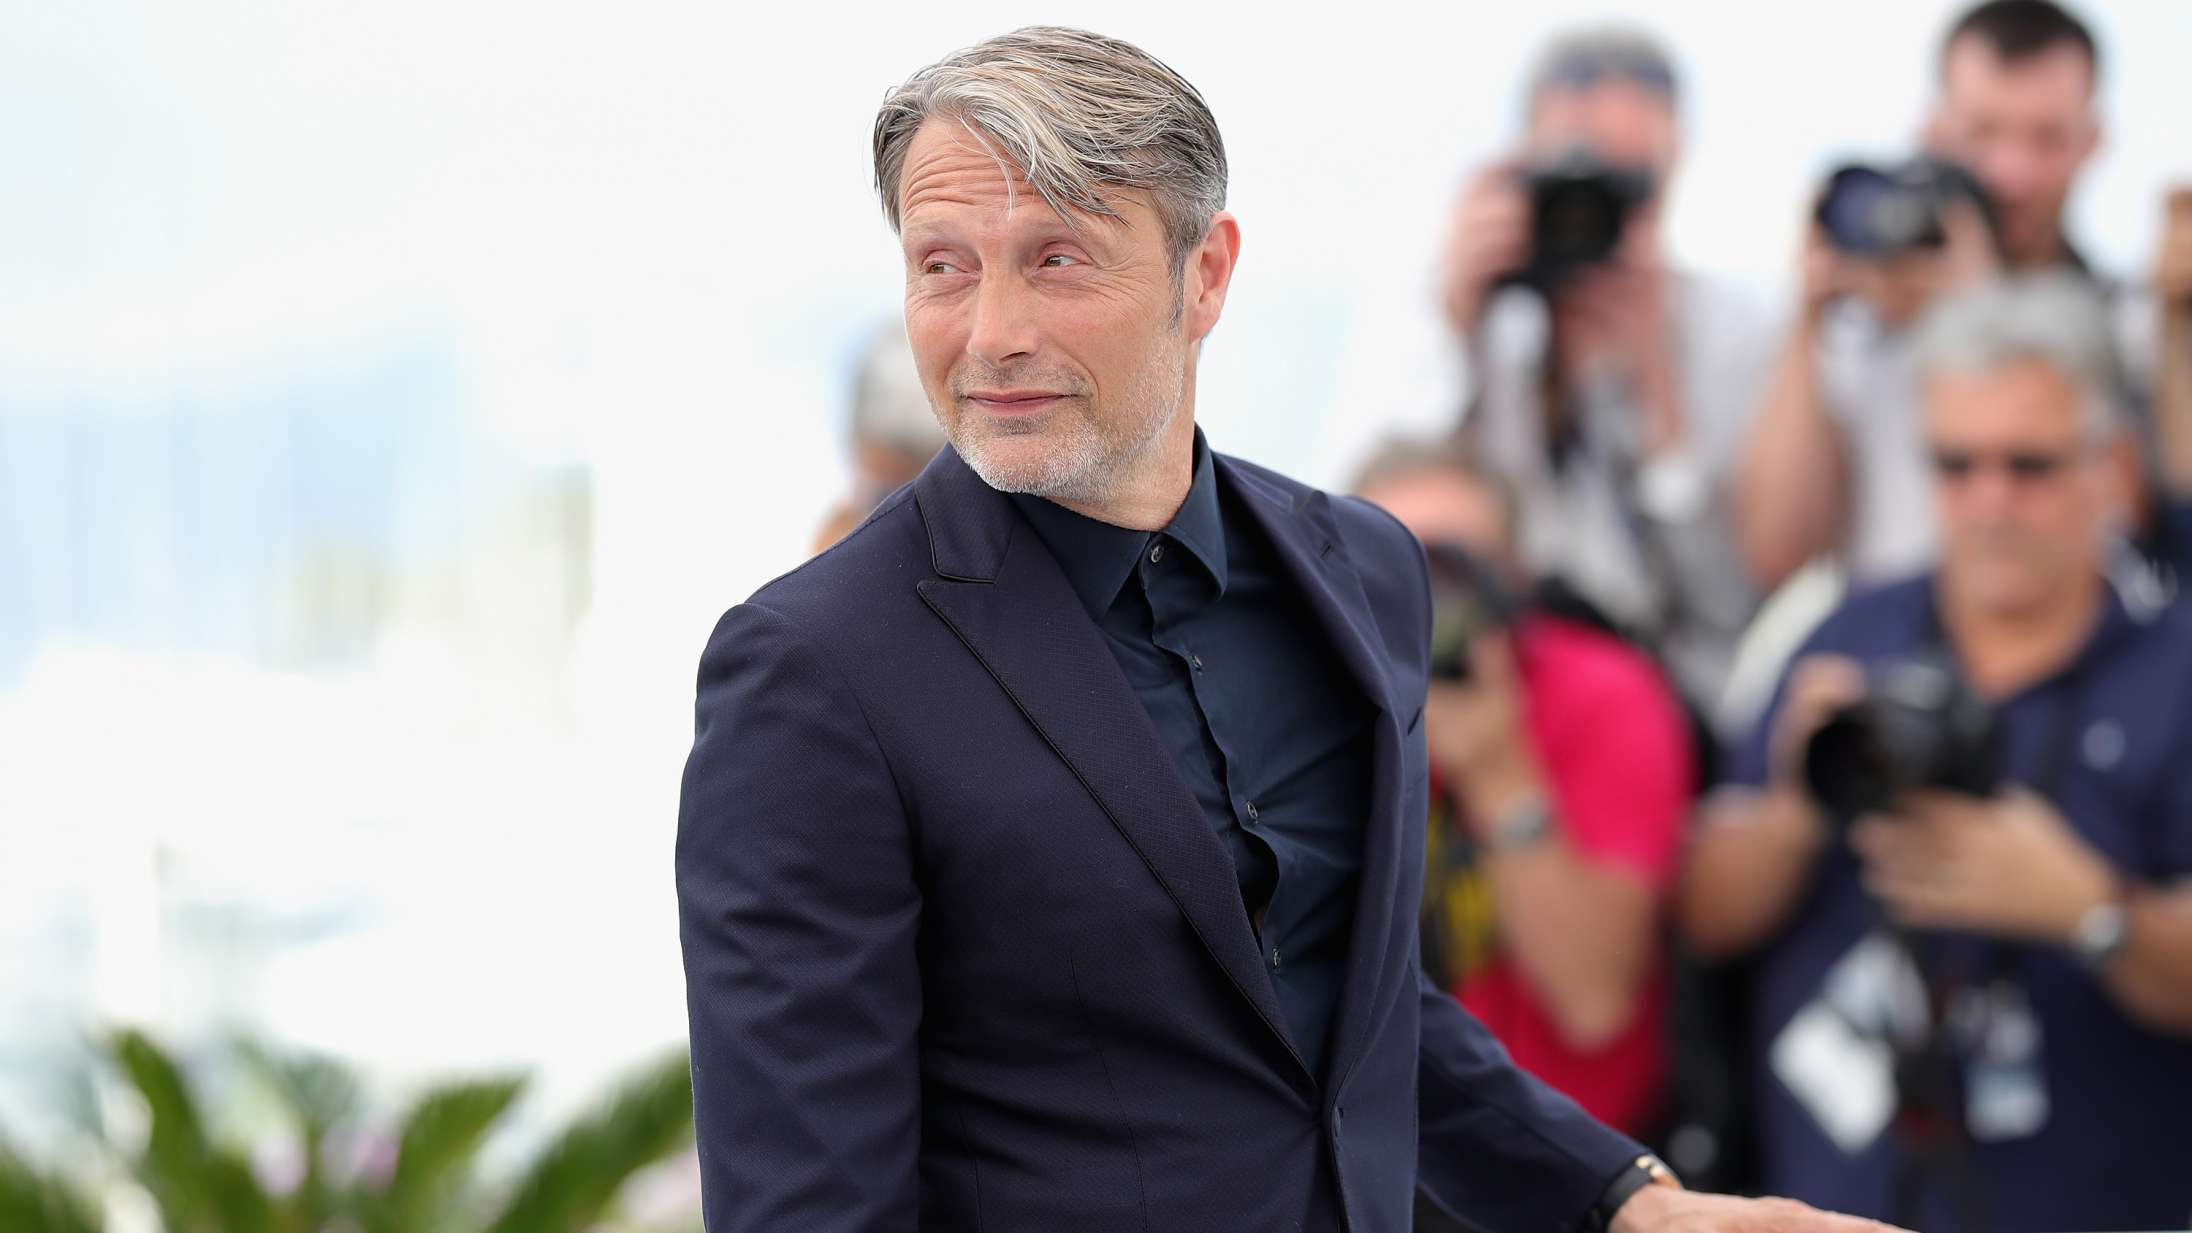 Thomas Vinterbergs 'Druk' og dansk animationsfilm udtaget til aflyst Cannes-festival – se hele programmet